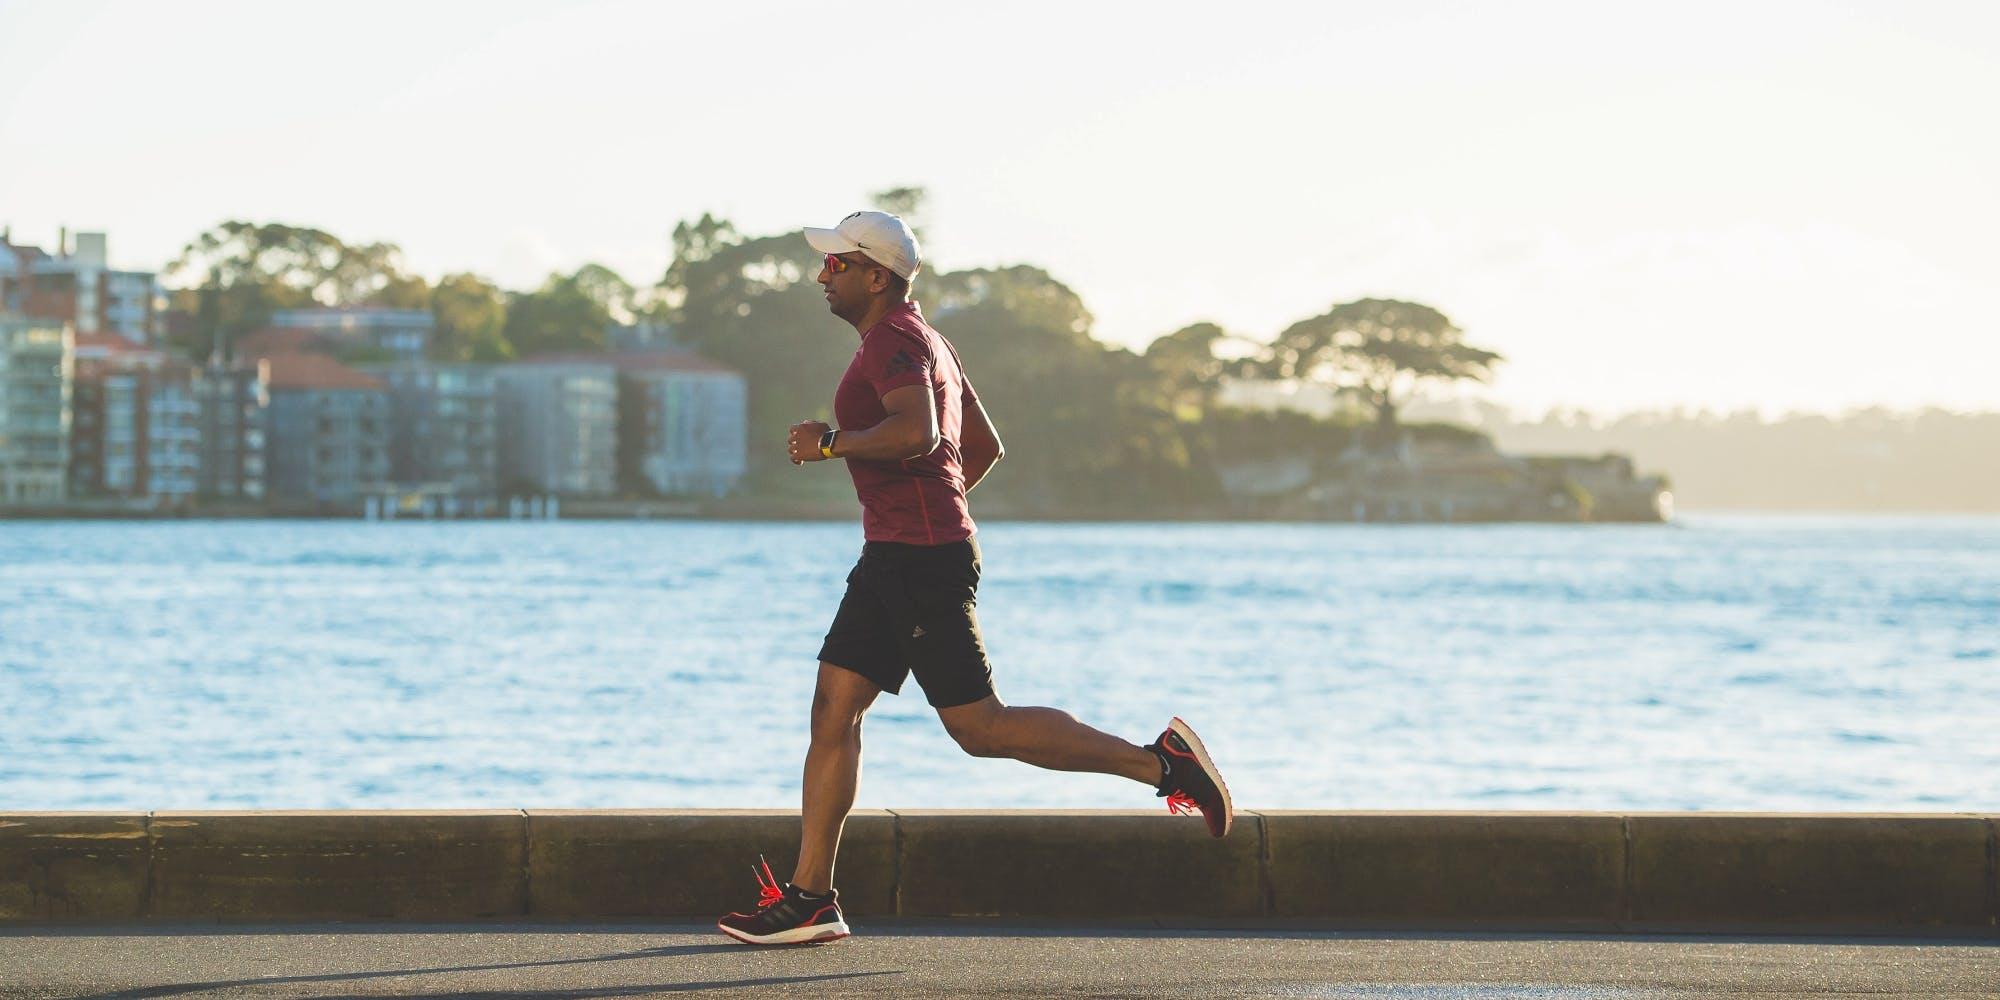 Απλά τρέξτε!: Tα 7 οφέλη του τζόκινγκ